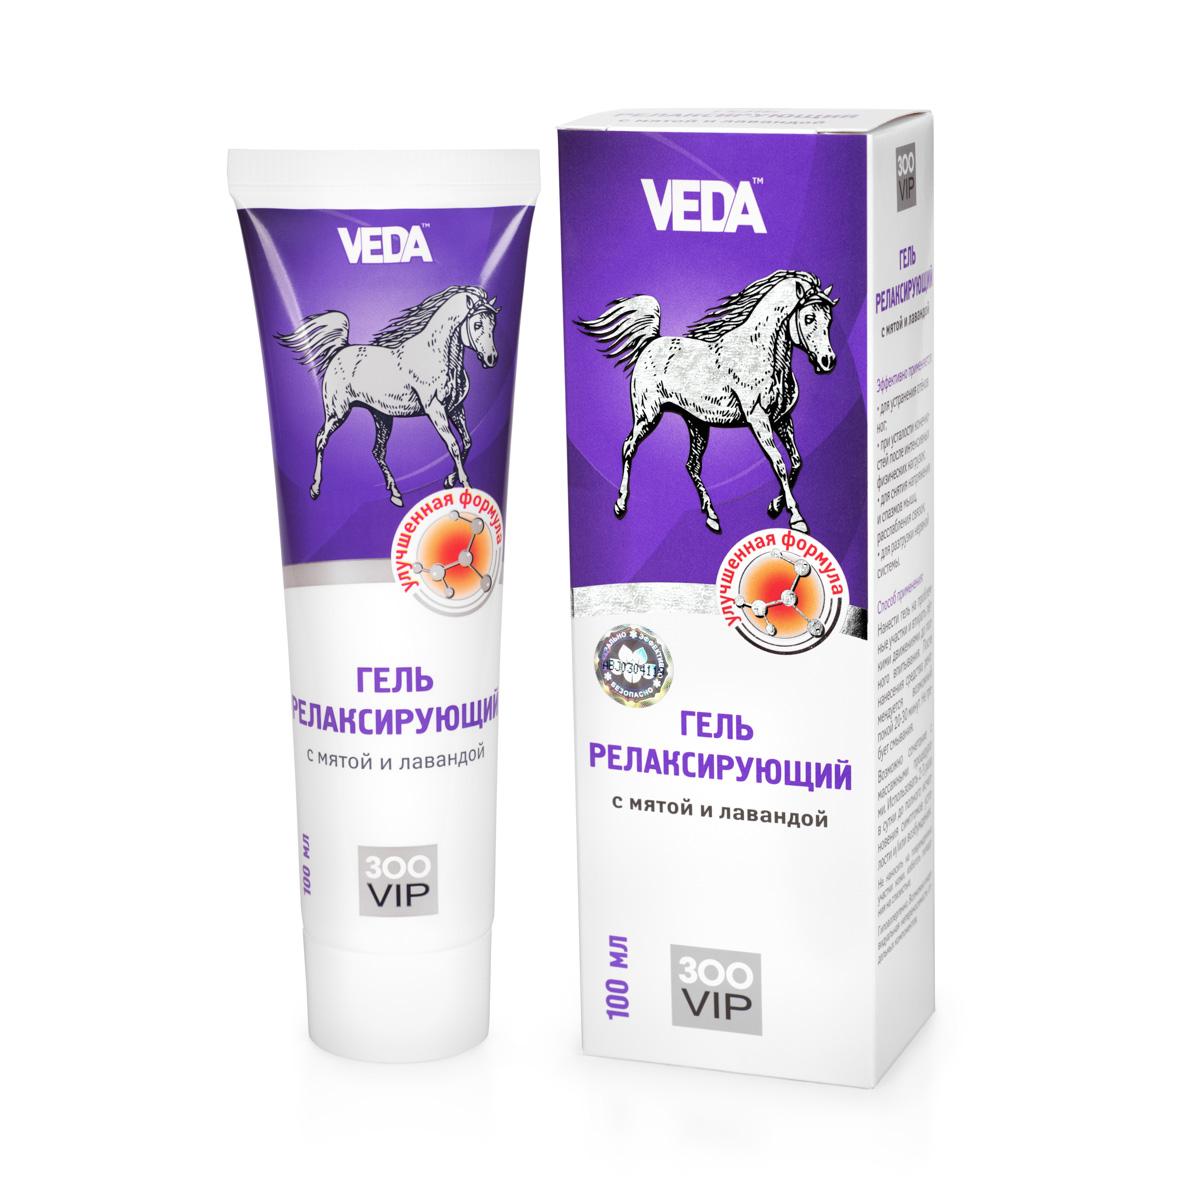 Гель для лошадей VEDA ЗооVip, релаксирующий, с мятой и лавандой, 100 мл4605543007187Гель для лошадей VEDA ЗооVip приносит мгновенное облегчение при уходе за конечностями благодаря специальным комплексам, оказывающим заметный эффект по 3 направлениям: расслабление, снятие отёков, разгрузка нервной системы.Охлаждающий комплекс действует немедленно после нанесения, снижая температуру кожи и снимая ощущение тяжести и усталости в ногах.Фитокомплекс донника, арники и плодов конского каштана способствует укреплению стенок капилляров, обеспечивает улучшение венозного кровообращения, эффективно устраняет отёчность.Лаванда оказывает антистрессовое воздействие, устраняет эмоциональное напряжение.Состав: вода очищенная; глицерин; натуральный ментол; флокаре ЕТ58; камфора; лаванды масло эфирное; фитокомплекс: плодов каштана, травы донника, цветков арники, прополиса; мяты масло эфирное; консервант.Товар сертифицирован.